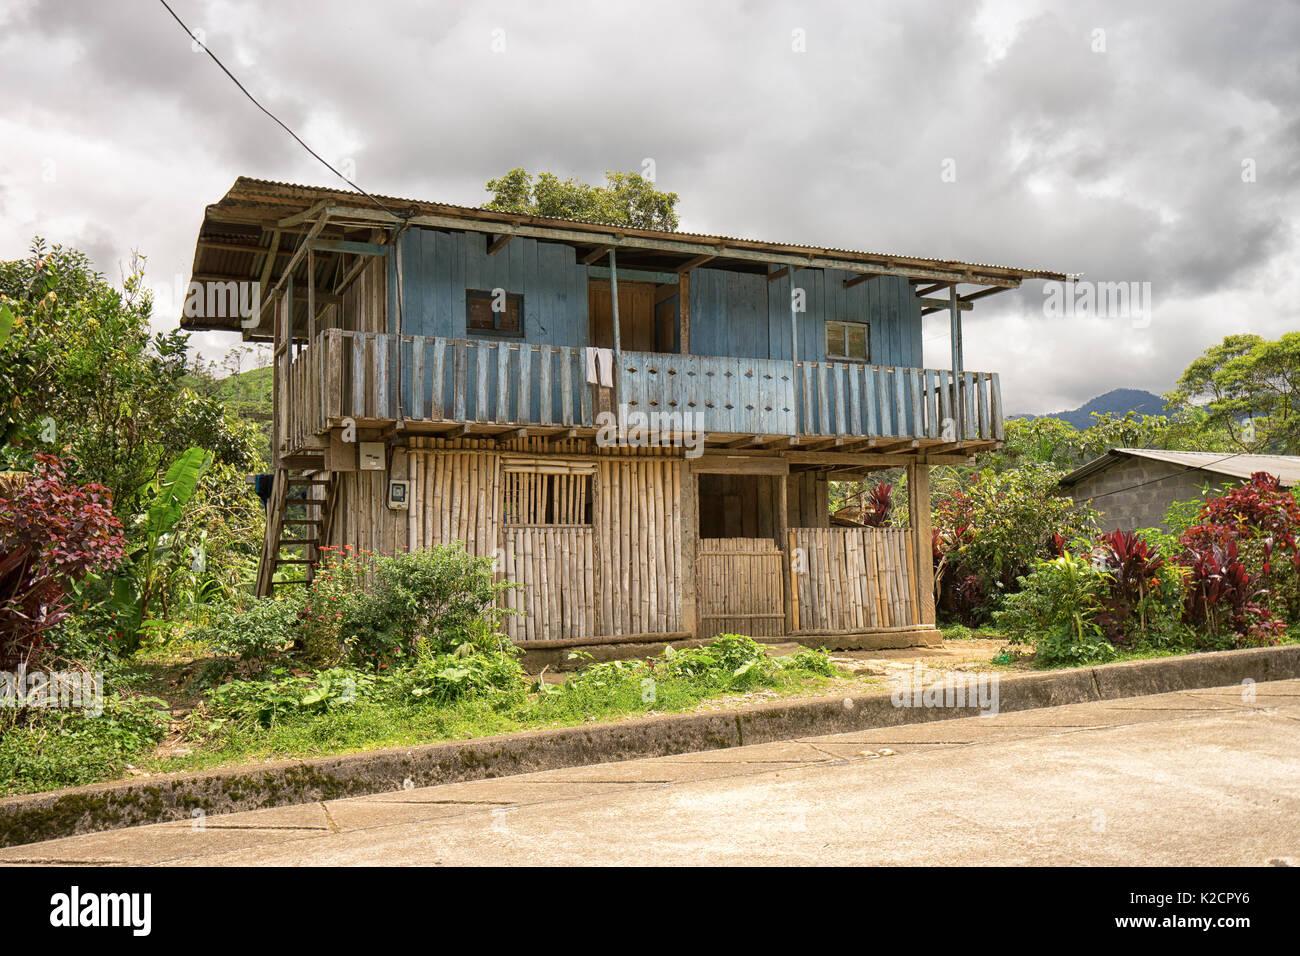 8 juin 2017 Jondachi, Equateur: maison faite de planches et de bambou dans la région amazonienne Photo Stock